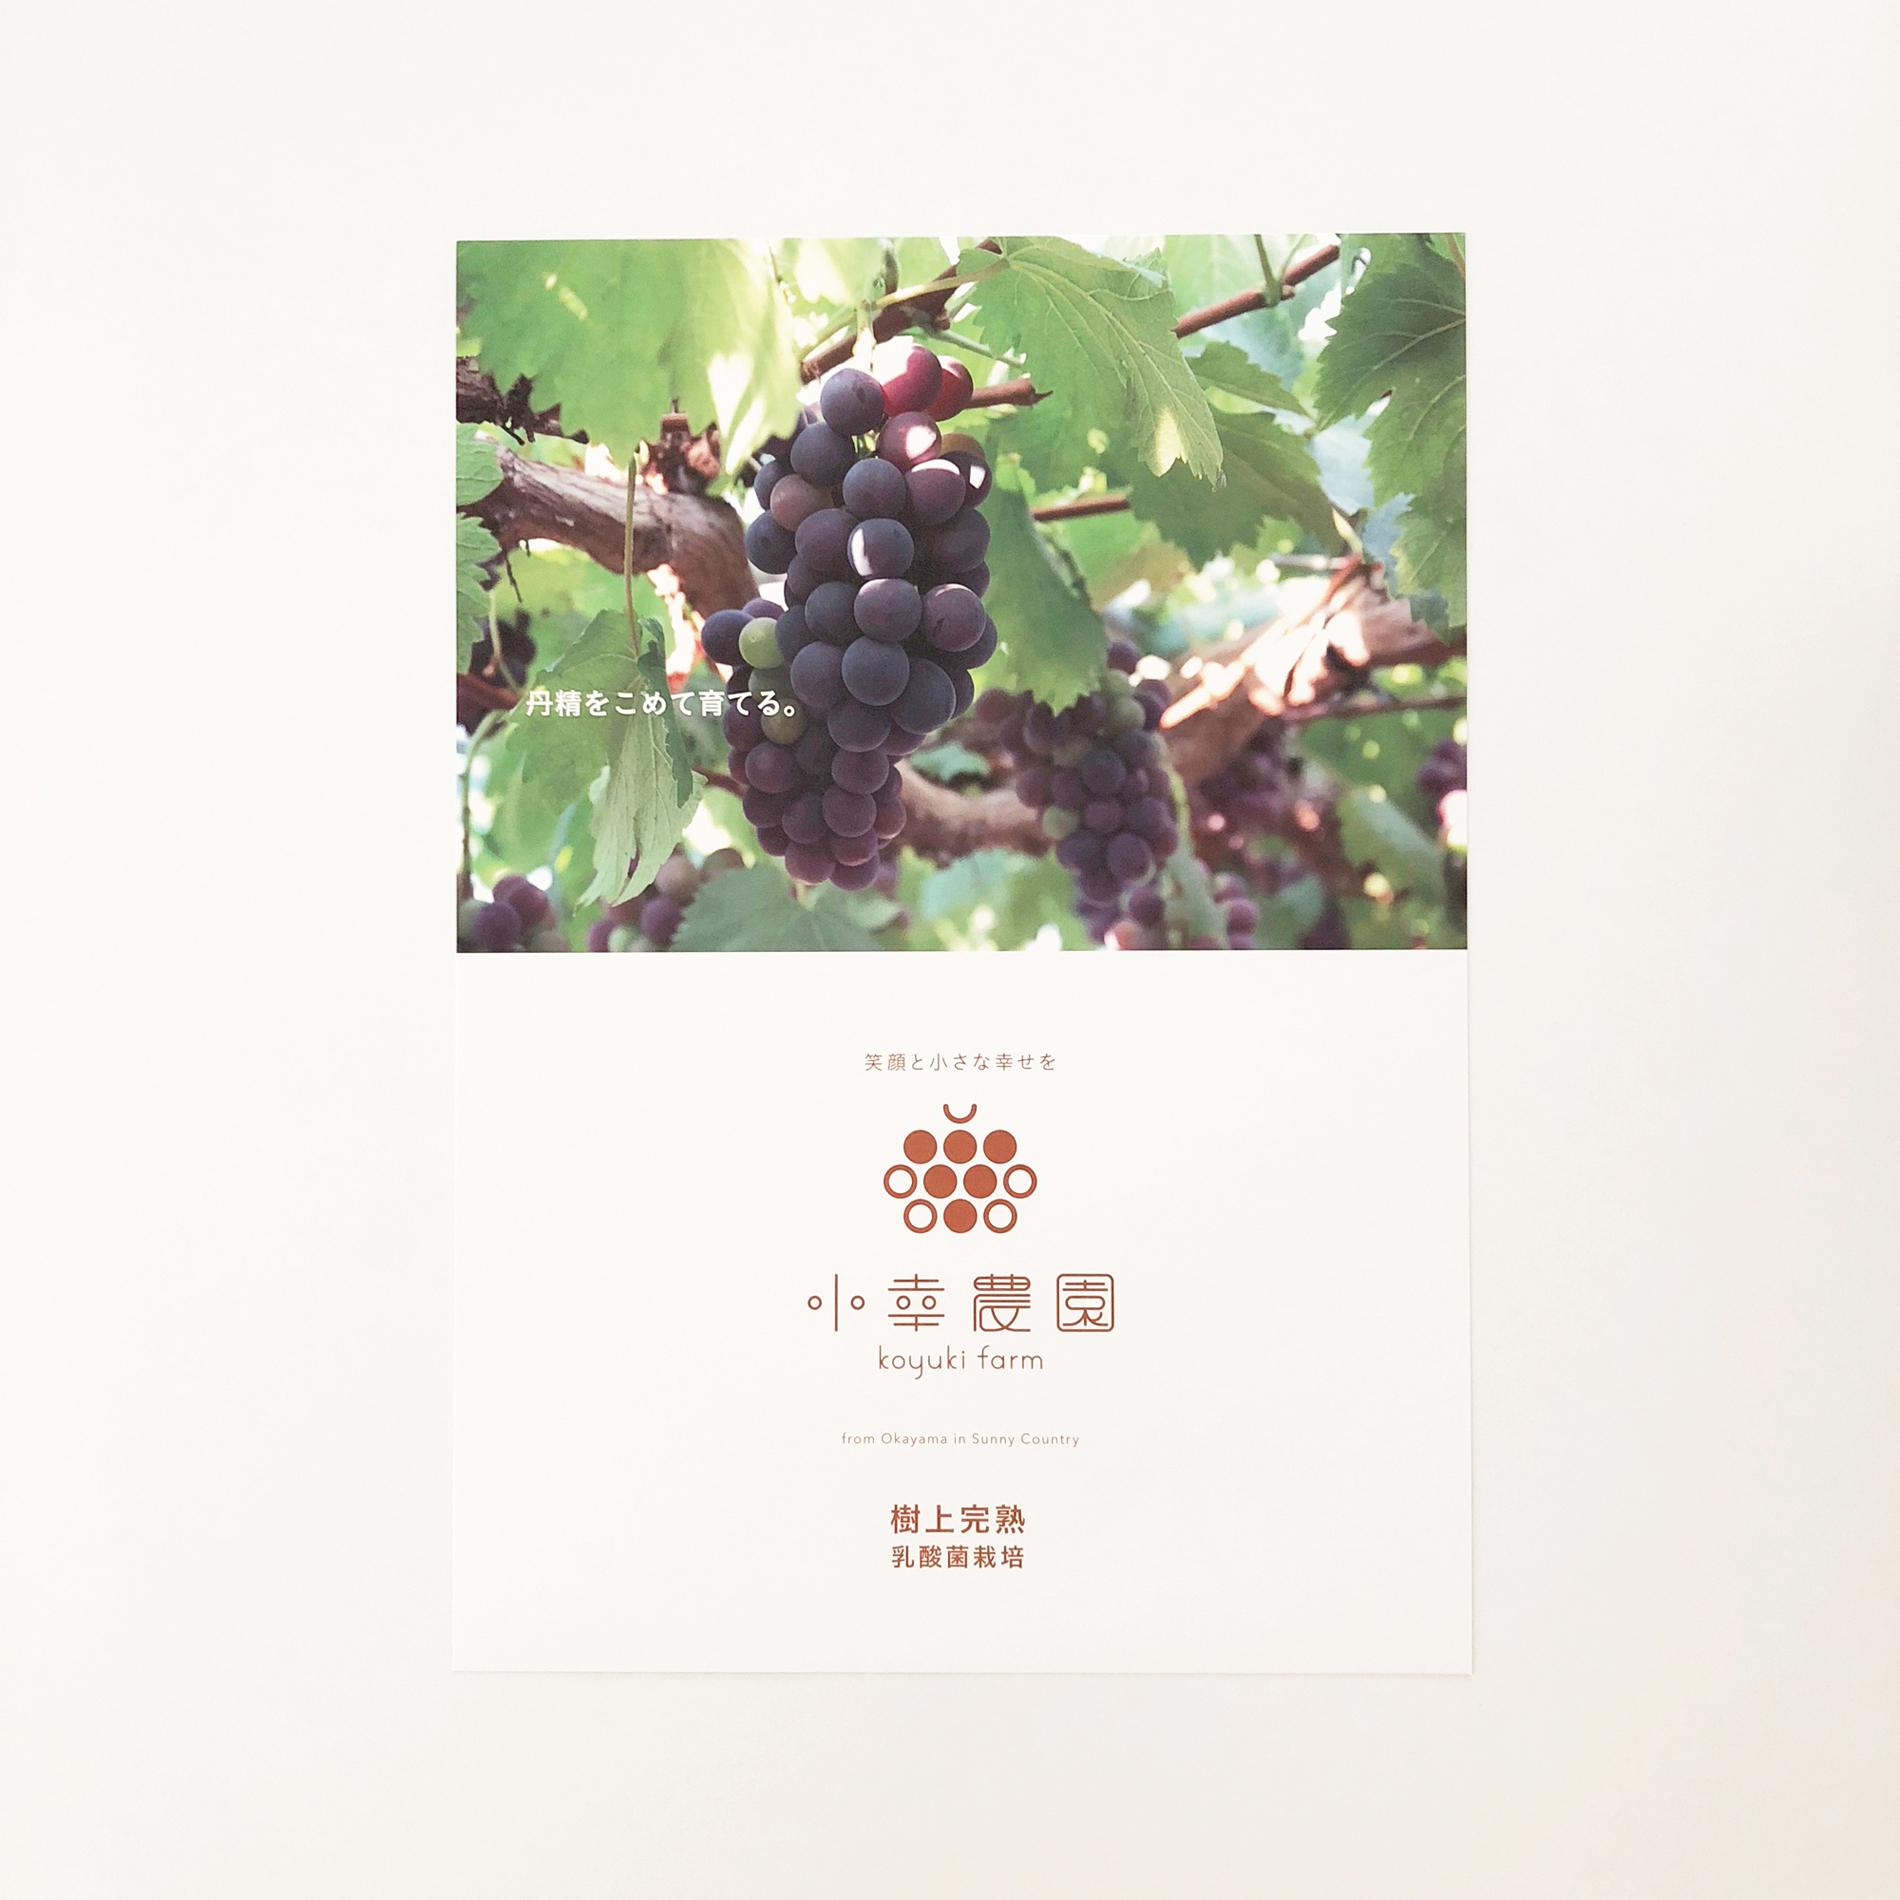 koyuki-farm-vi-poster1